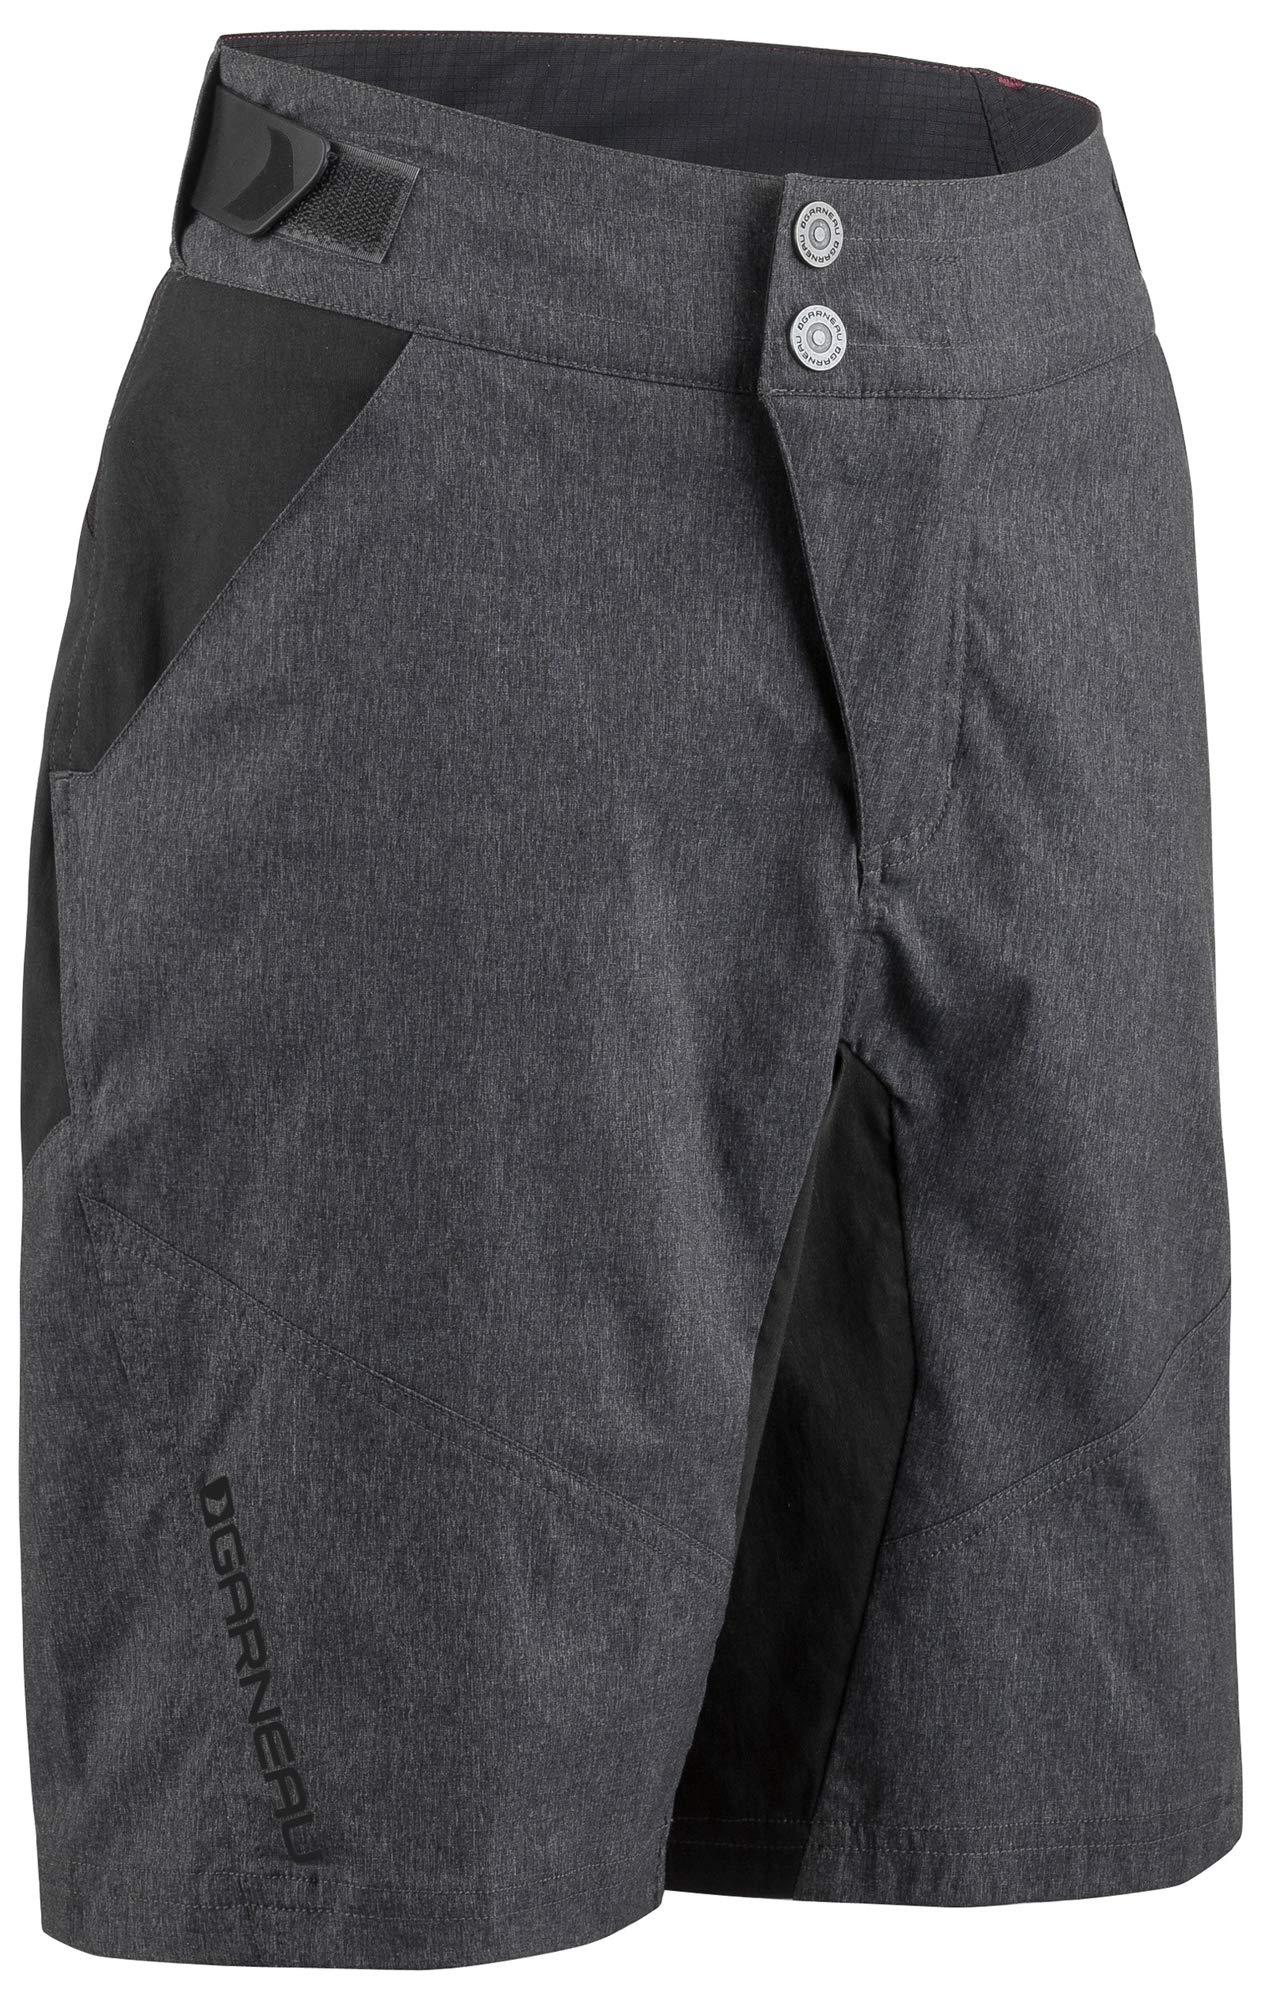 Louis Garneau Kids Dirt Bike Shorts, Black/Gray, Medium by Louis Garneau